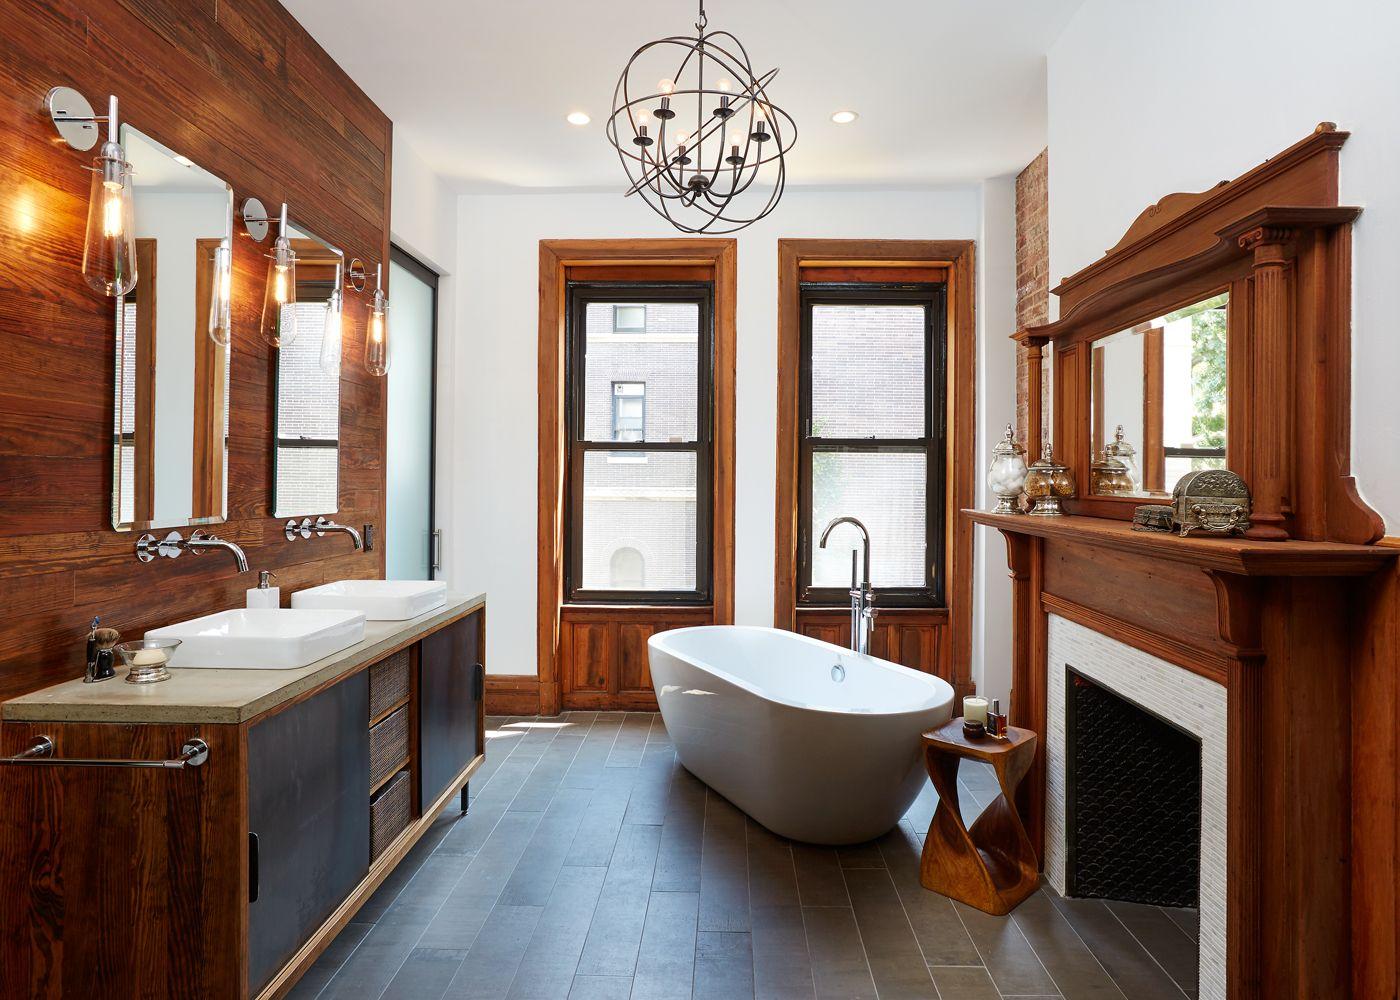 Beautiful Brooklyn Townhouse Master Bathroom Renovation. Custom Reclaimed  Wood Vanity, Orb Chandelier, Vessel